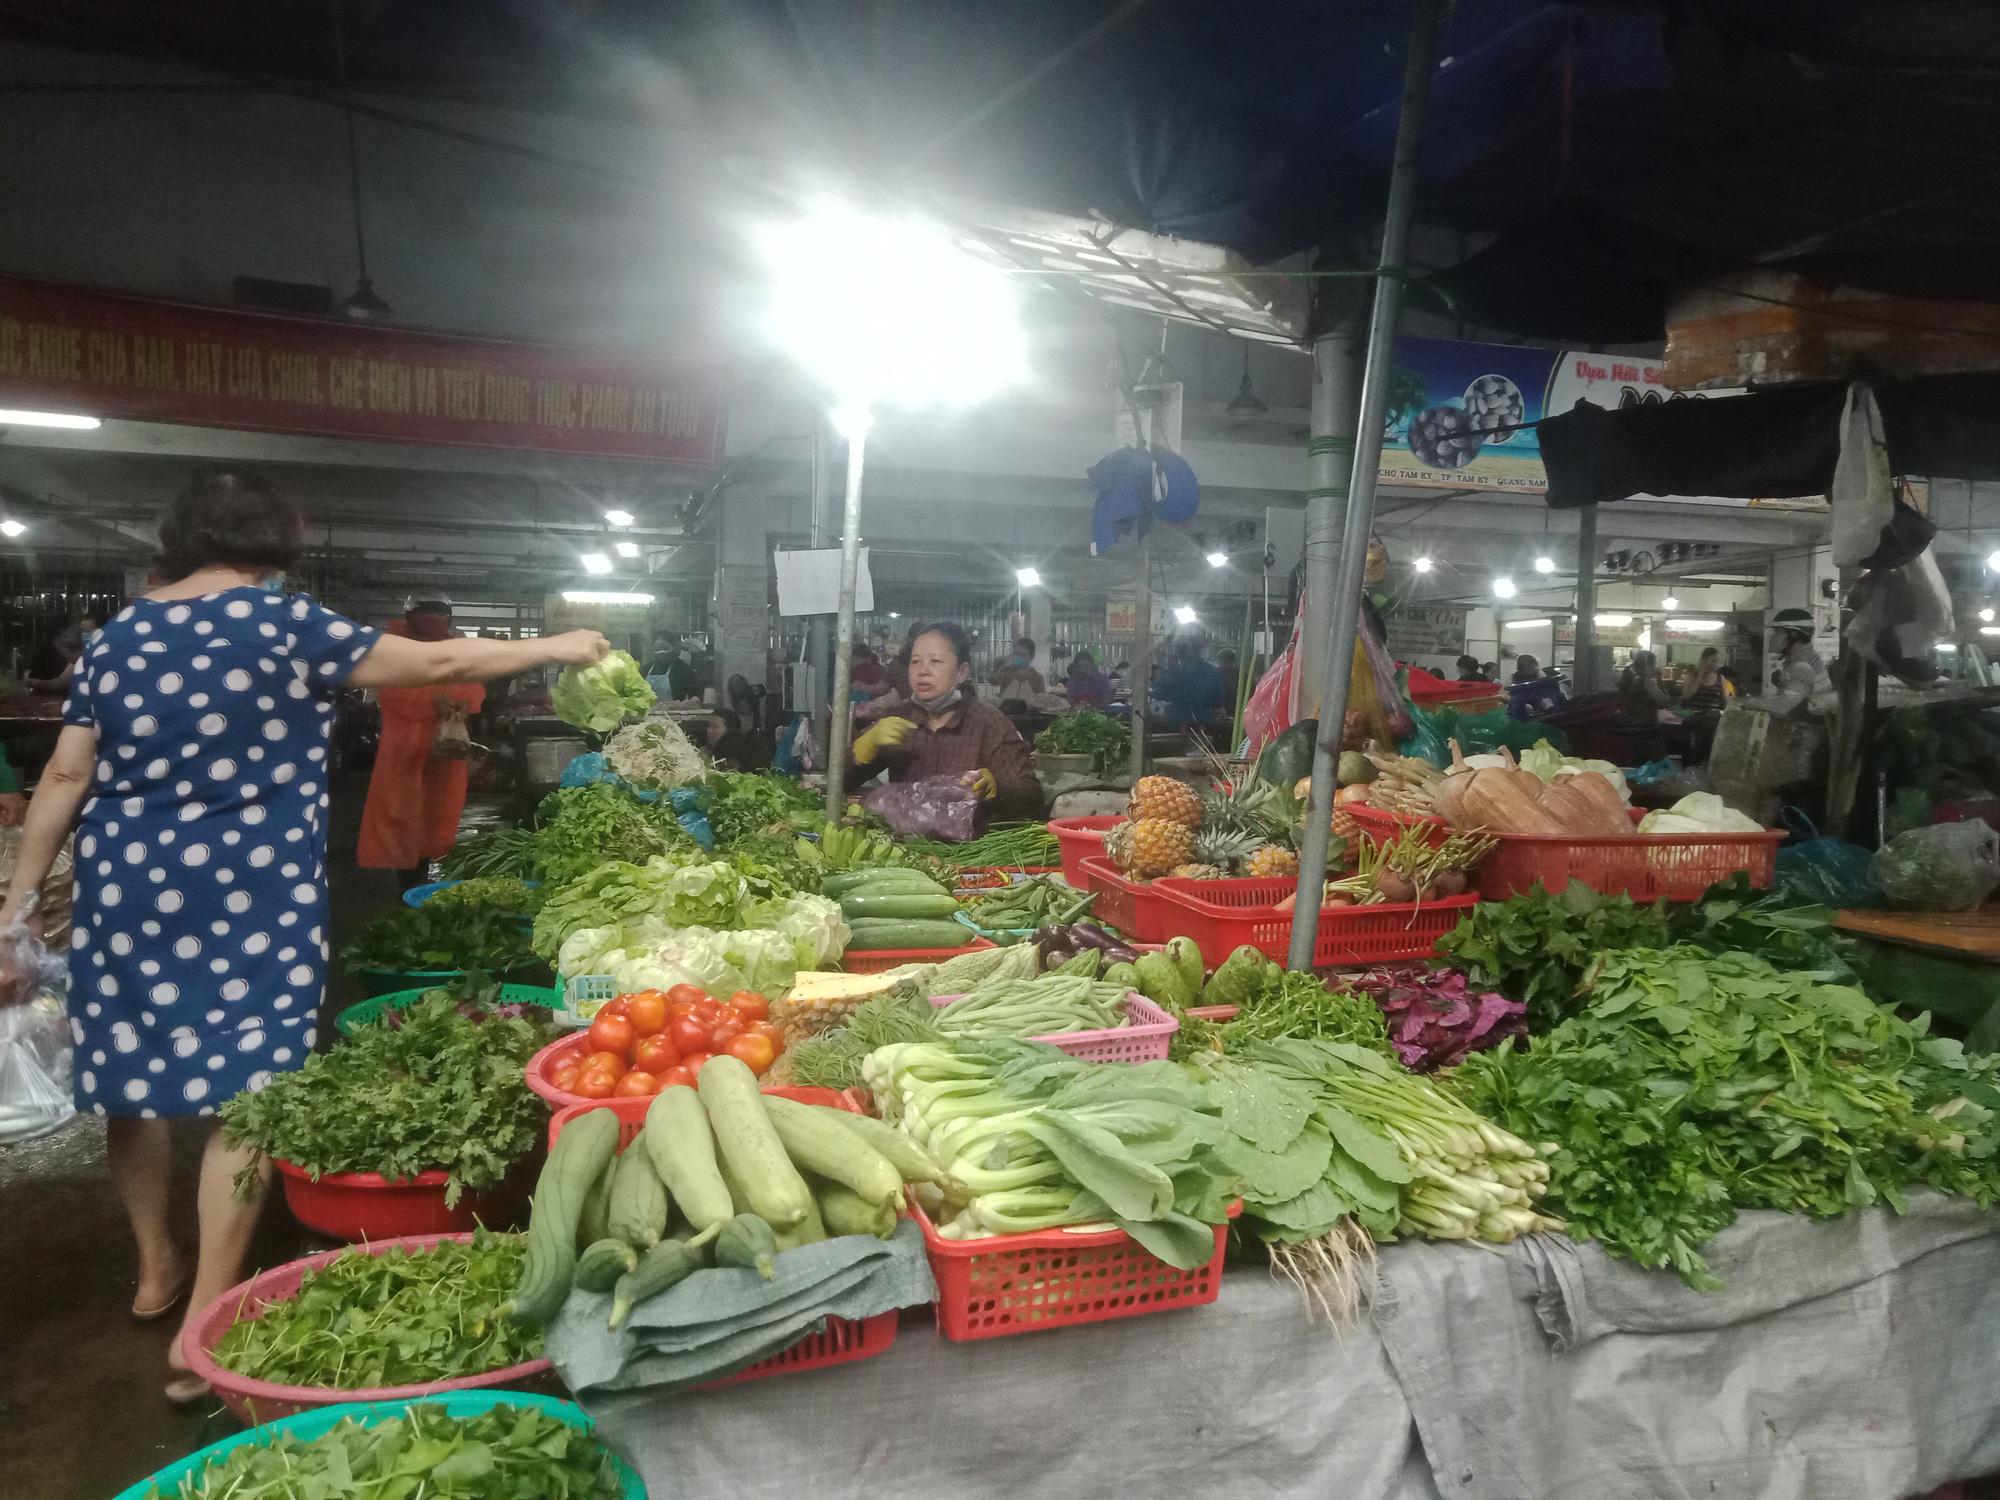 """Dịch Covid-19: Thị trường ở Quảng Nam bình ổn giá, không có chuyện """"găm"""" trữ lương thực - Ảnh 2."""